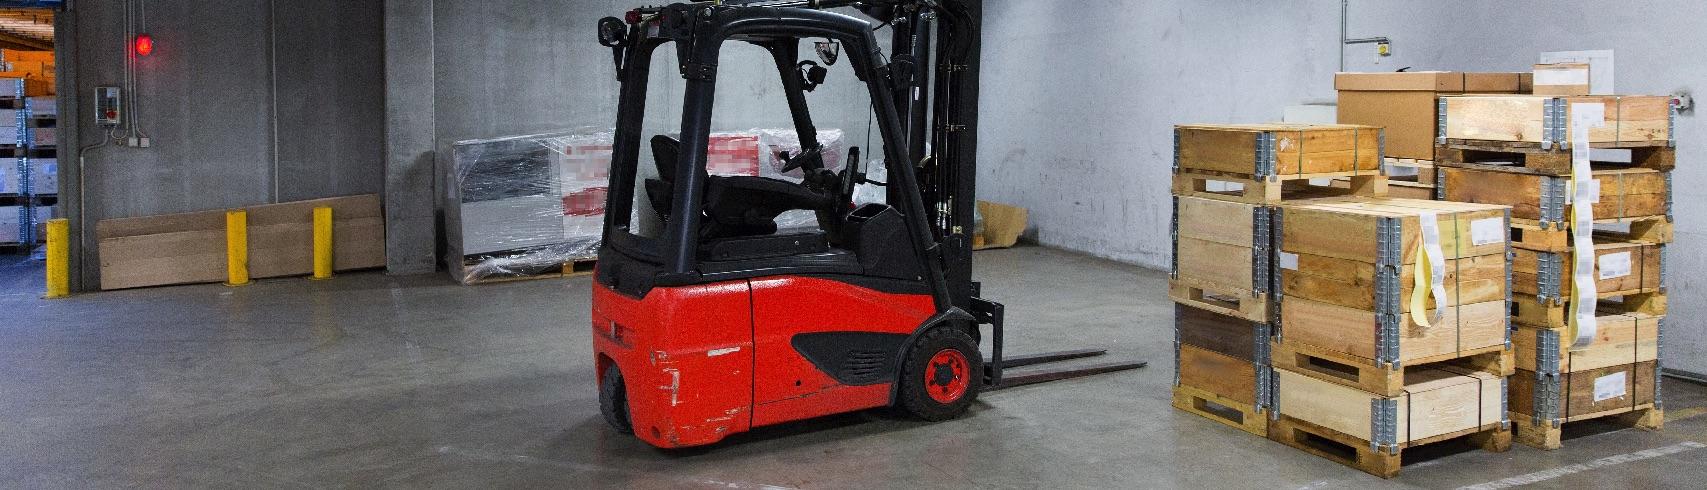 Forklift & Telehandler Rental   Miami